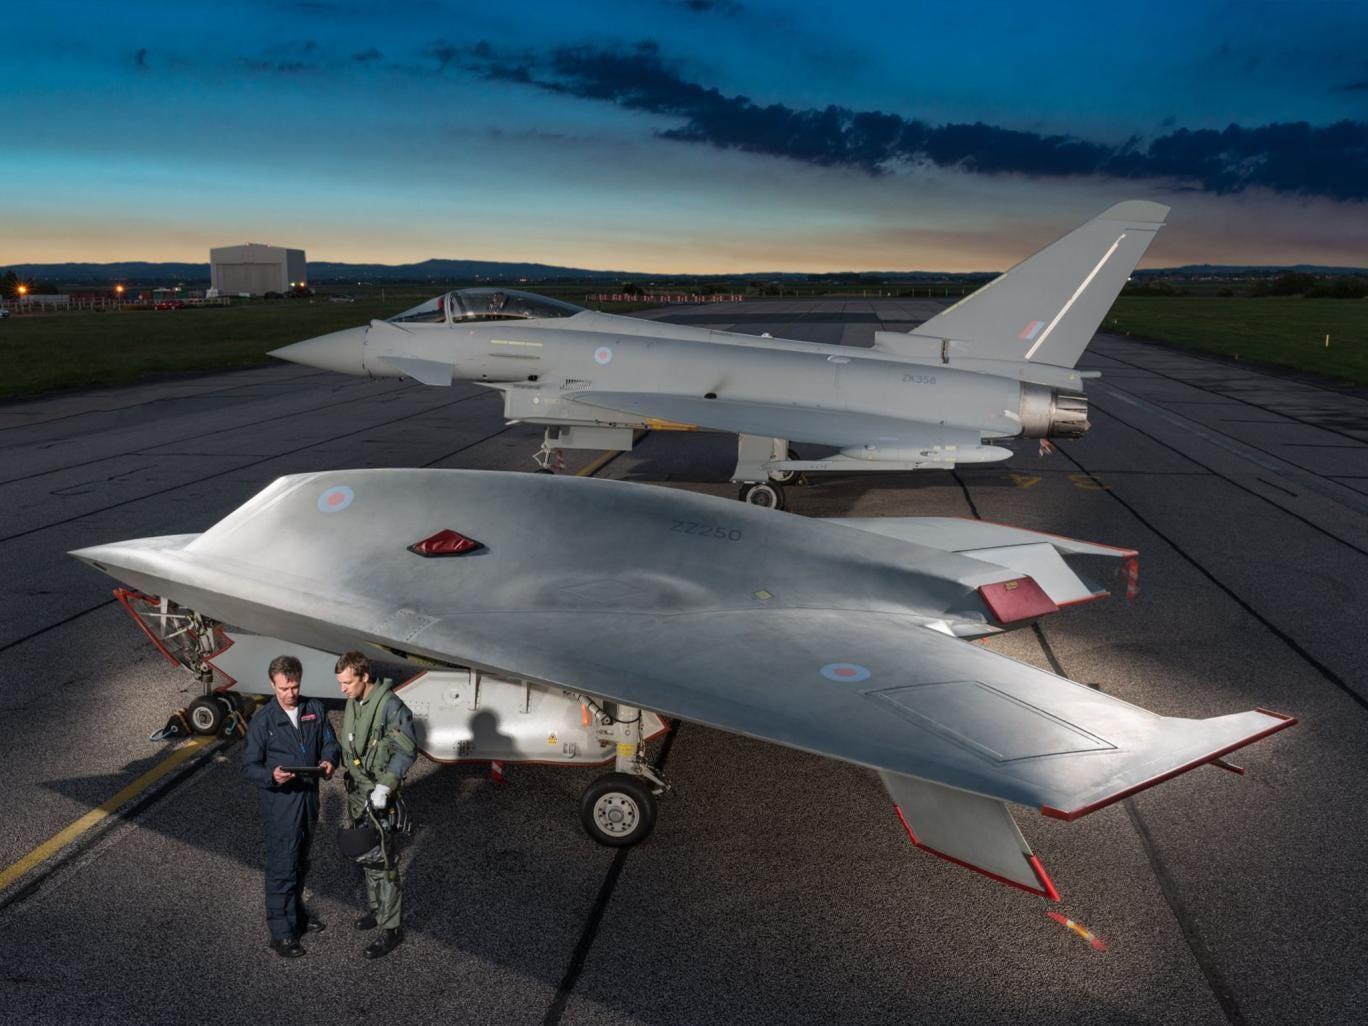 صفقة مغربية - بريطانية لنقل تكنولوجيا تصنيع طائرات بدون طيار الى المغرب 12-taranis-drone-BAESystems